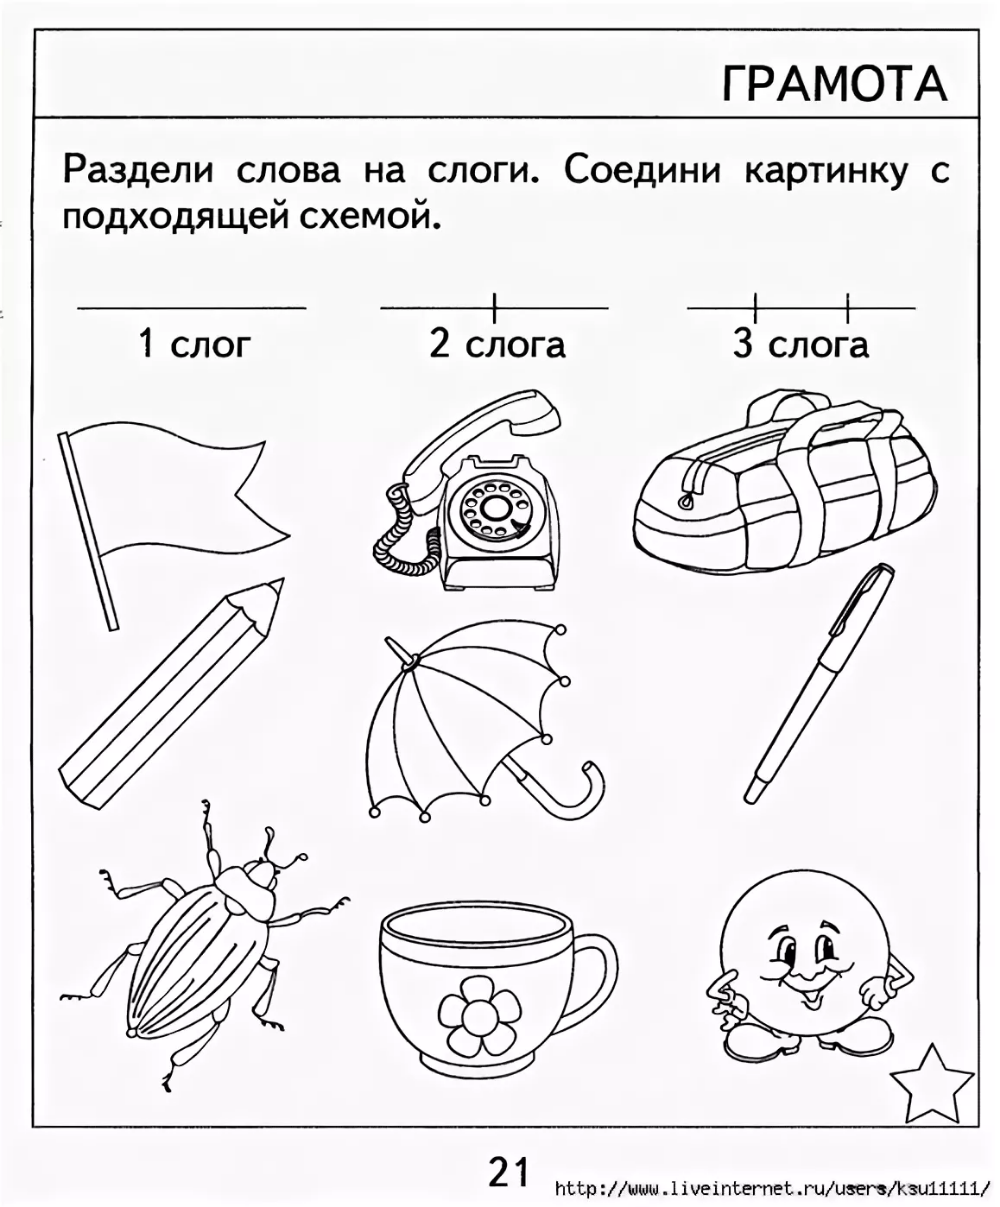 Картинки схем деление слов на слоги